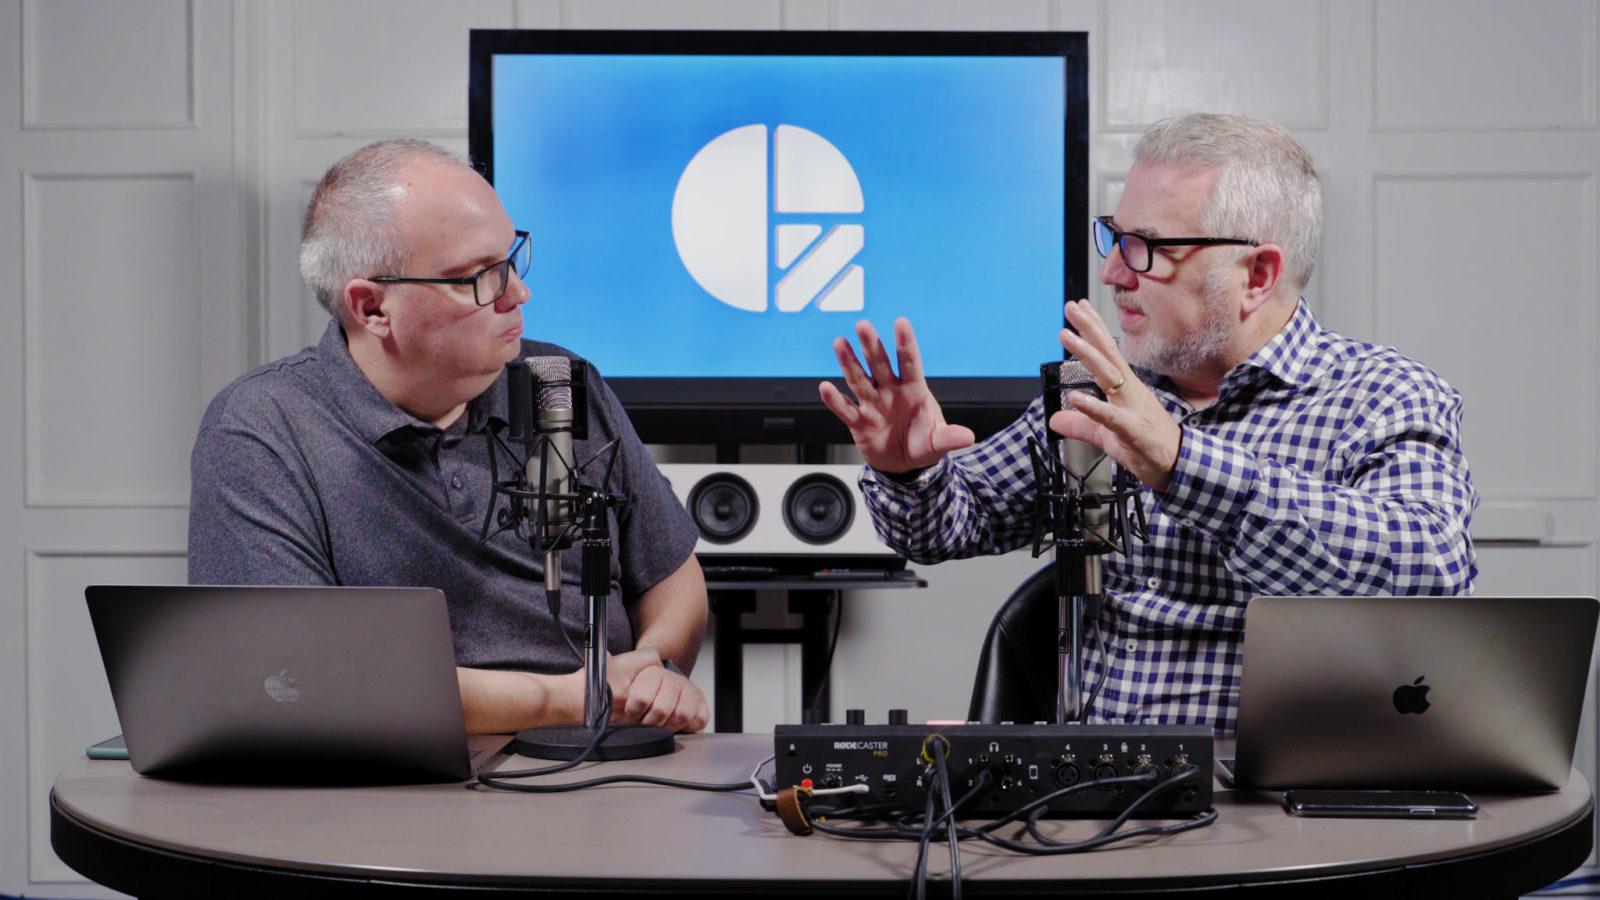 APP SHOW - Oct 20 - Podcast